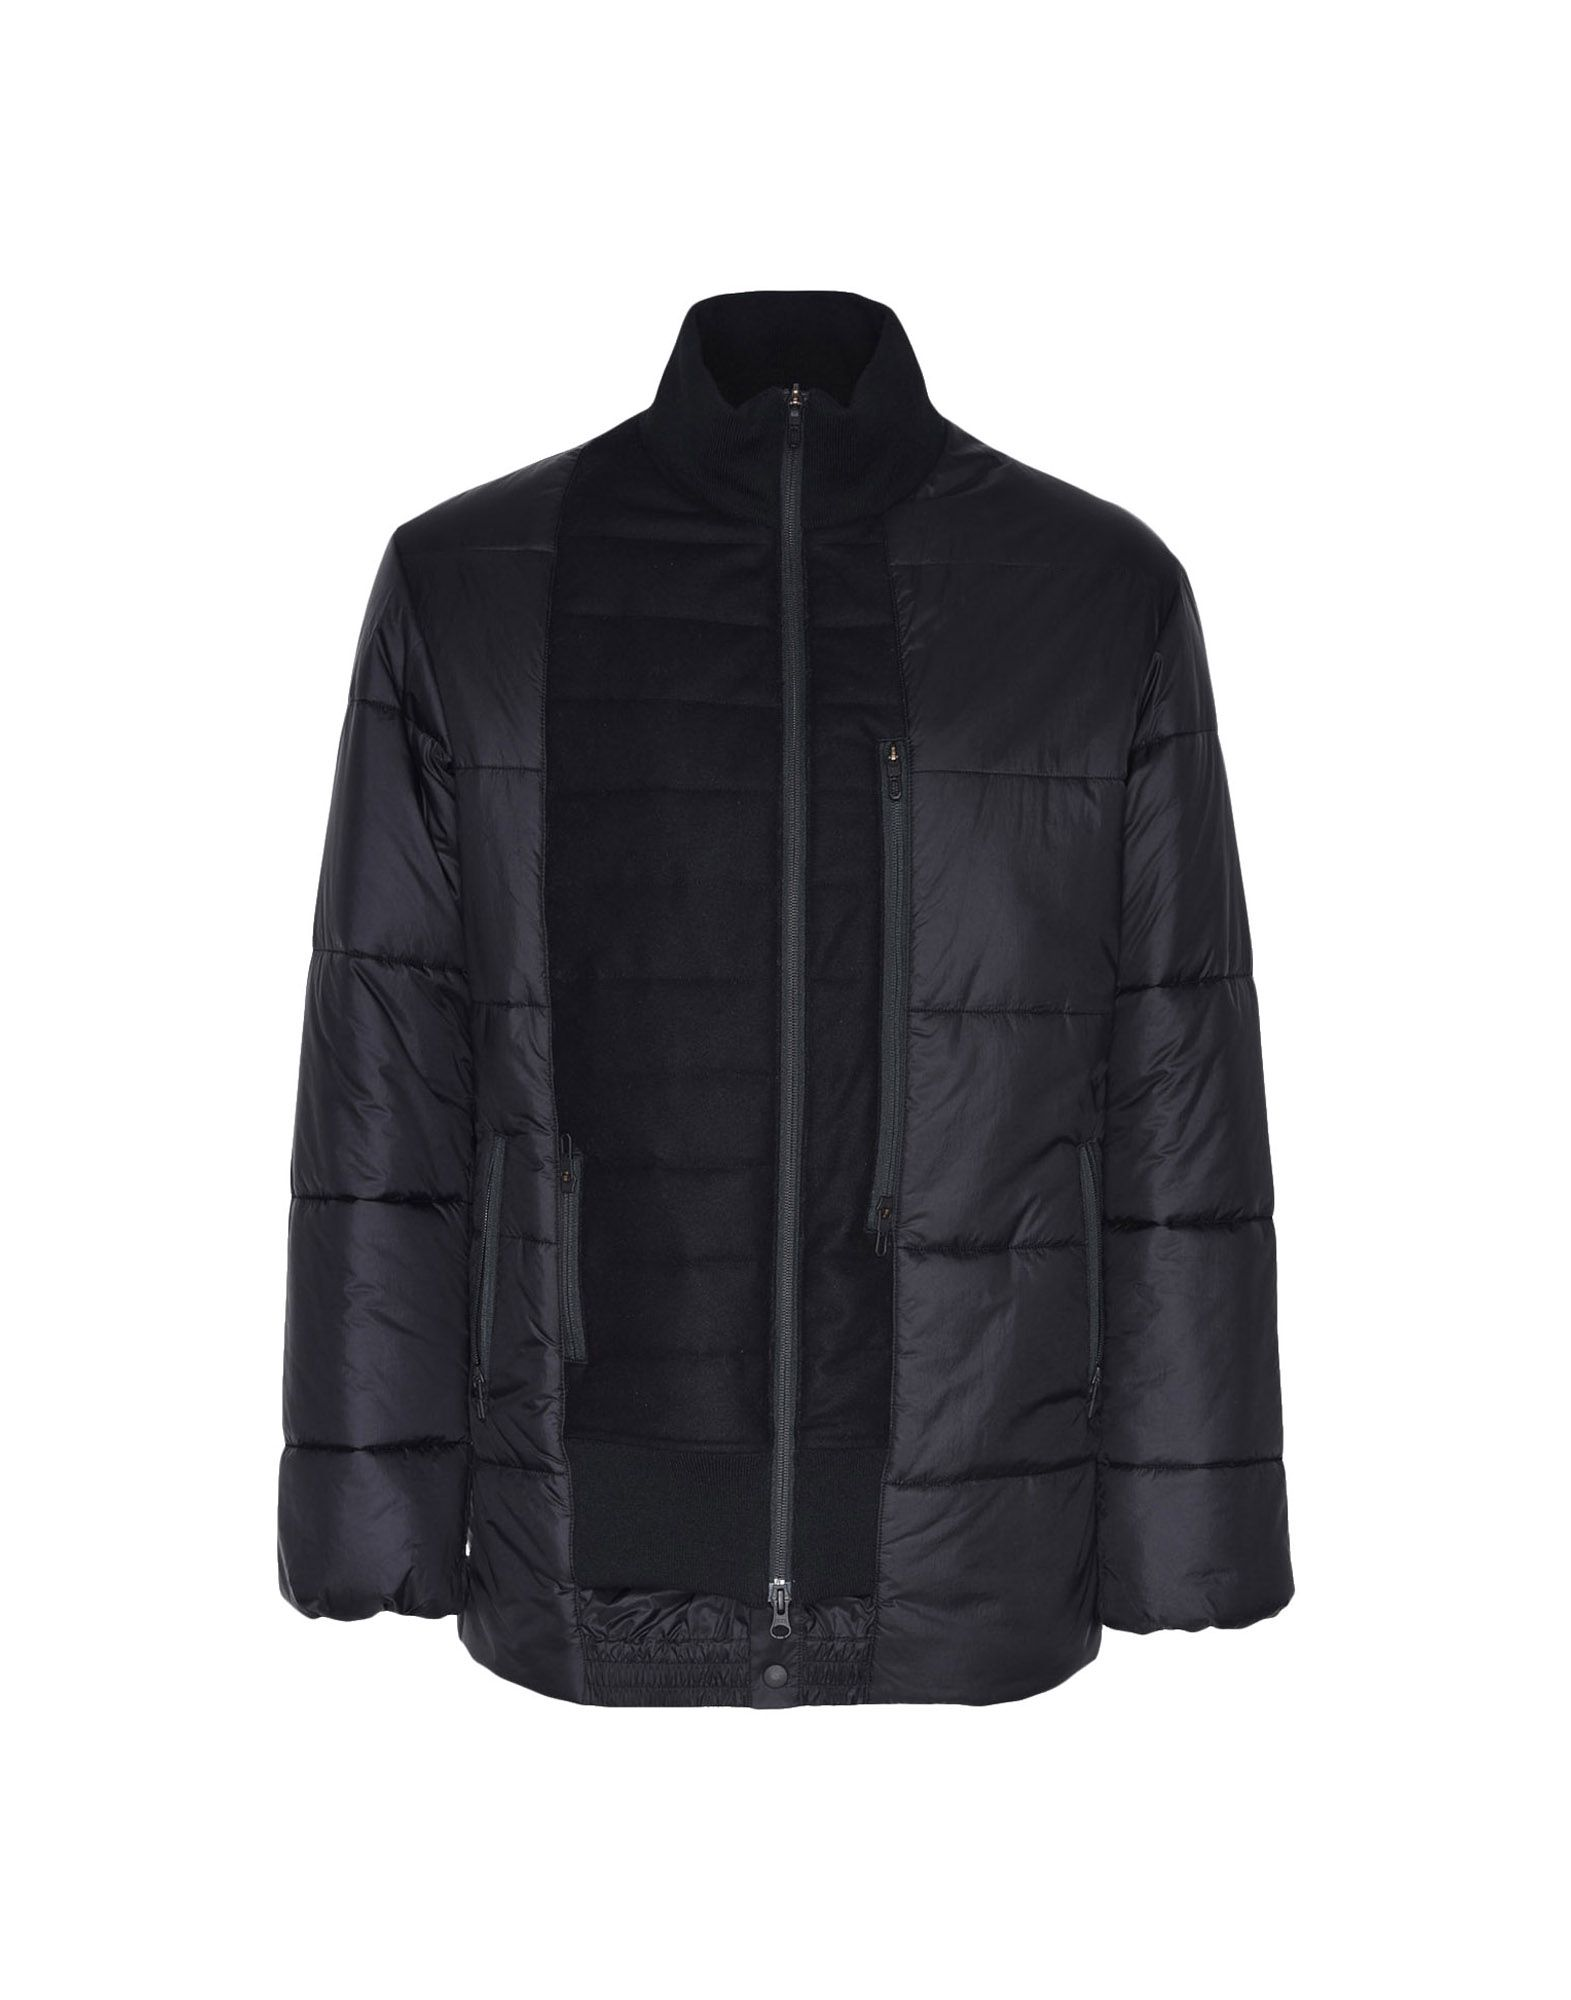 Y-3 Y-3 Patchwork Down Jacket Down jacket Man f